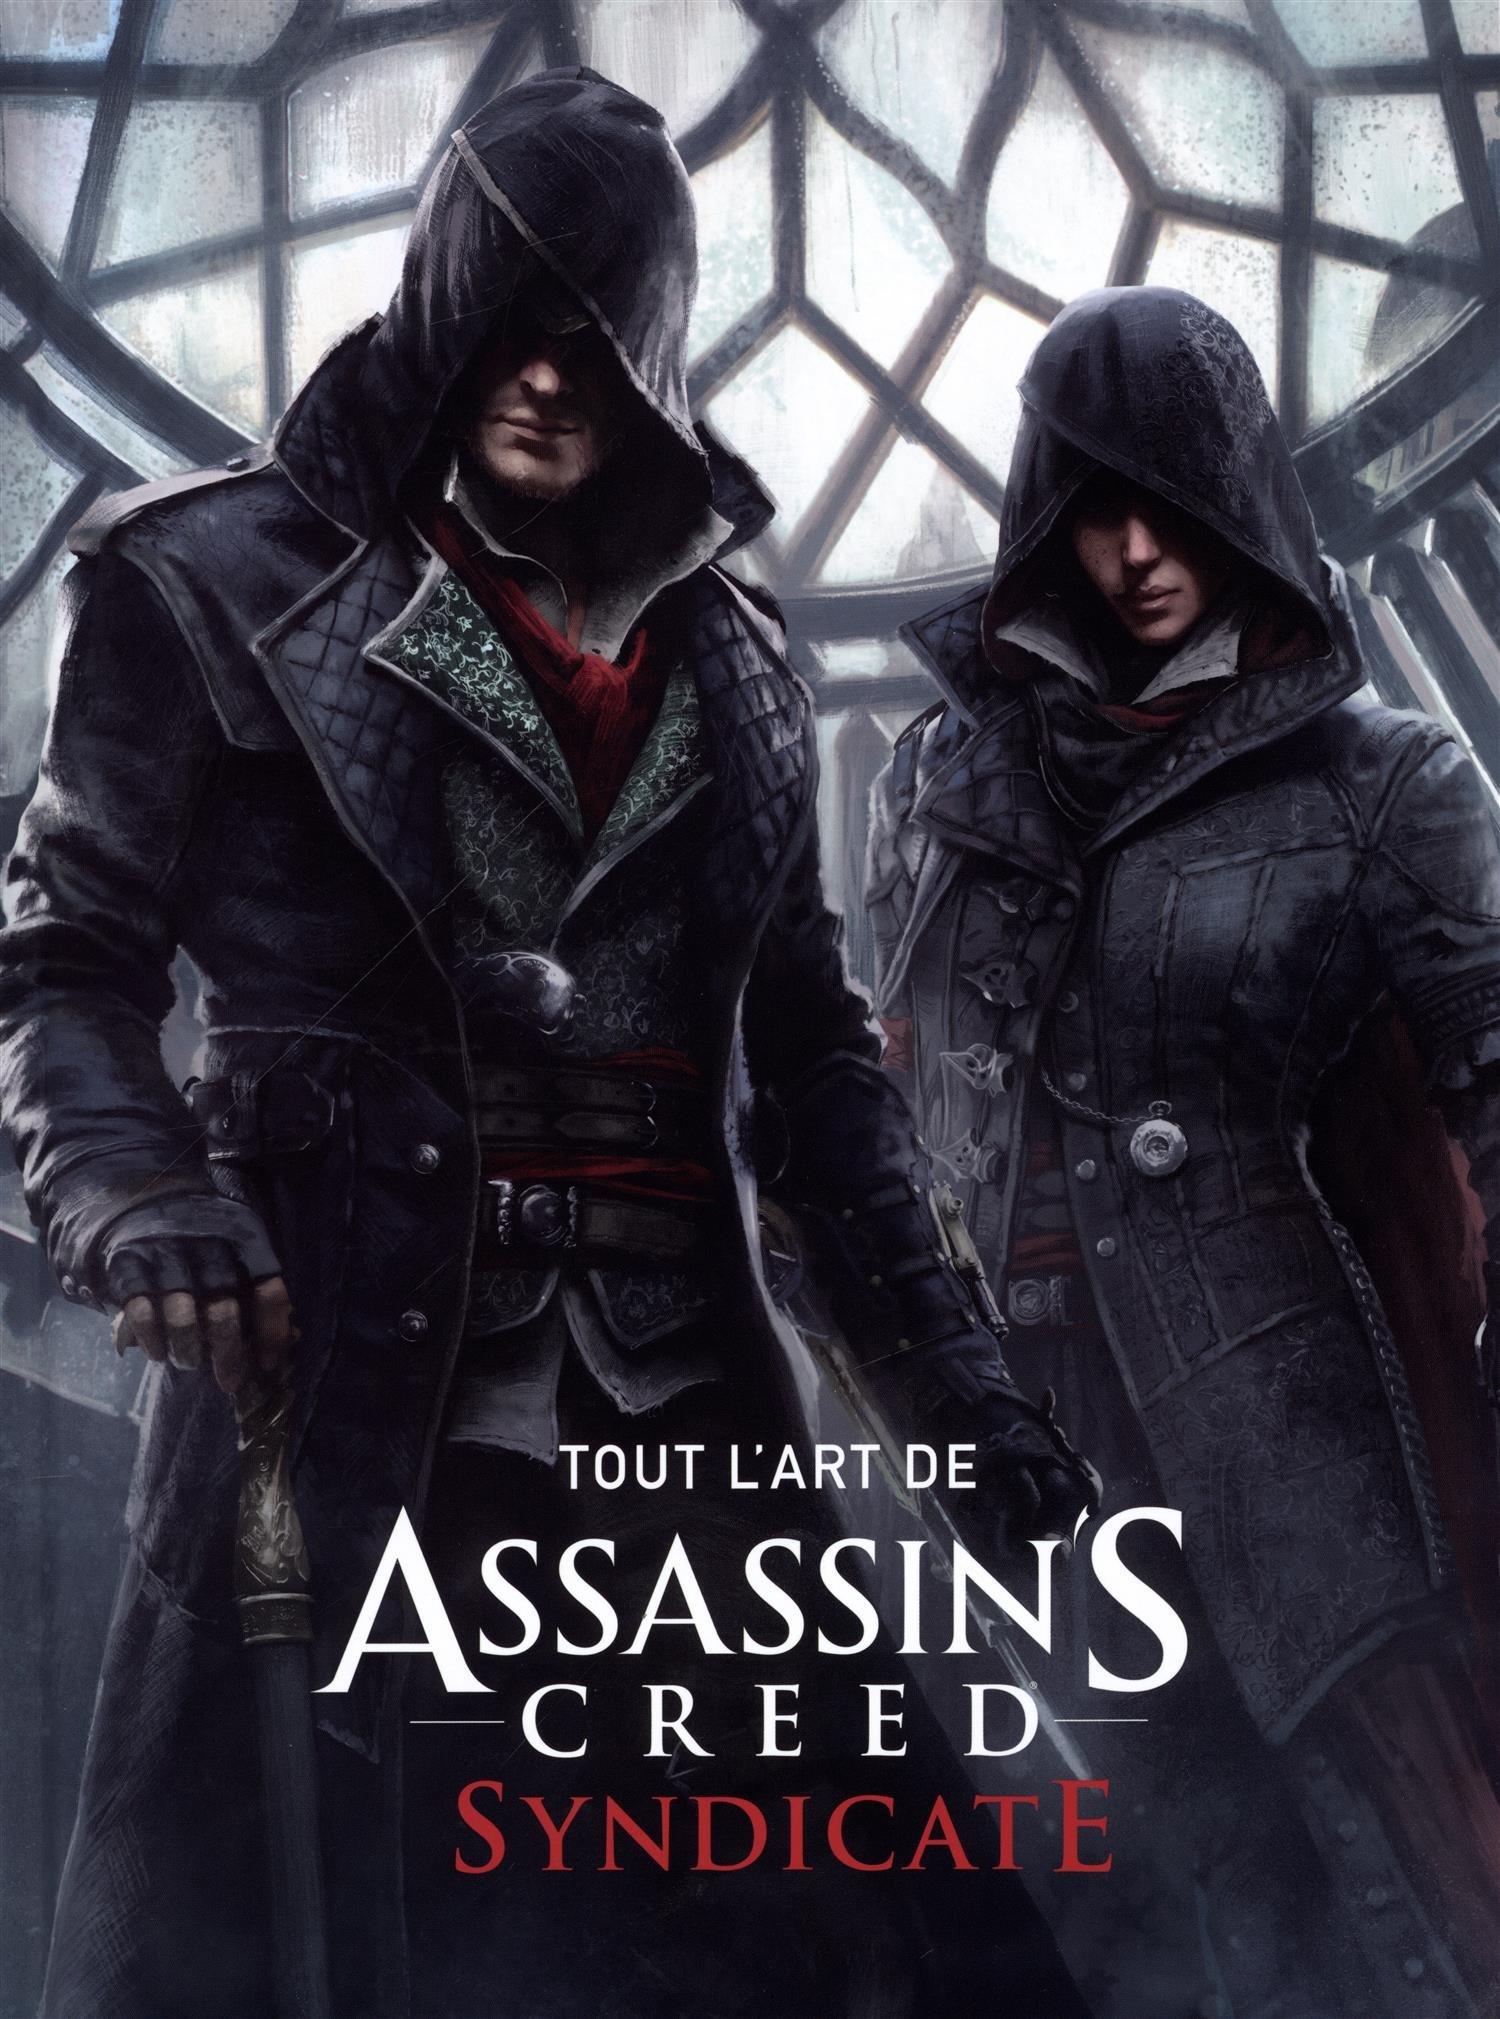 Tout l'art de Assassin's Creed: Syndicate